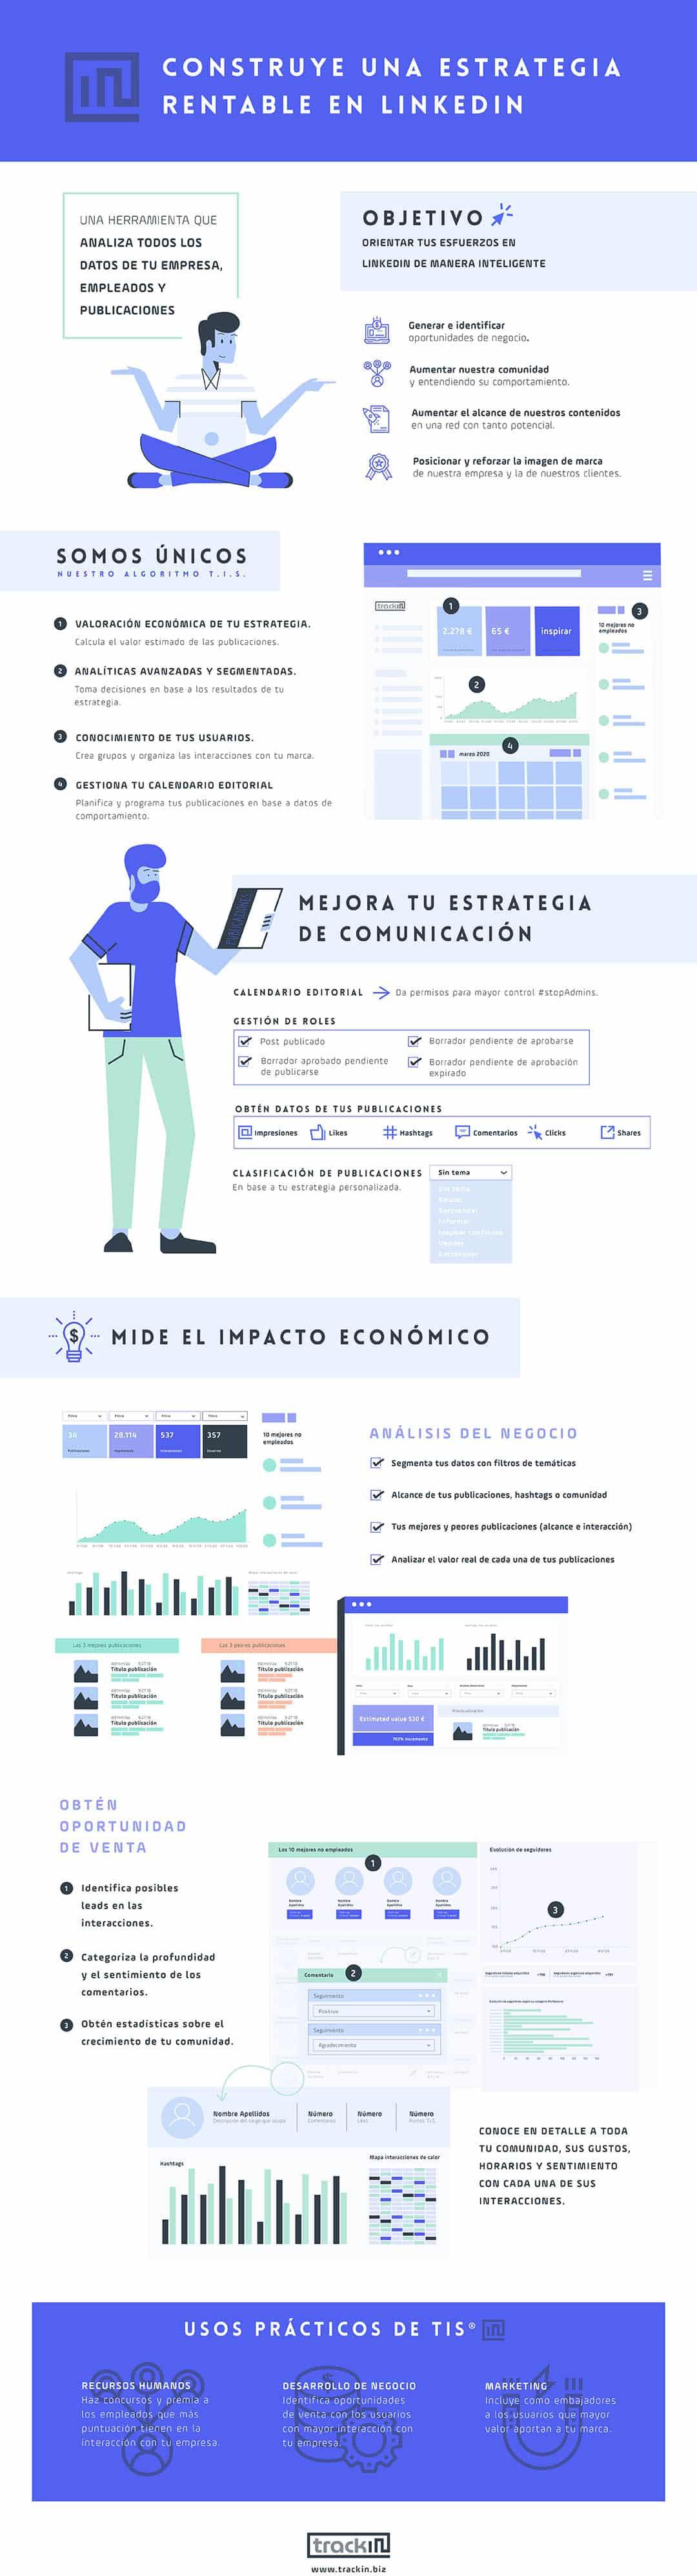 Infografía Trackin, herramienta análisis y gestión de Linkedin